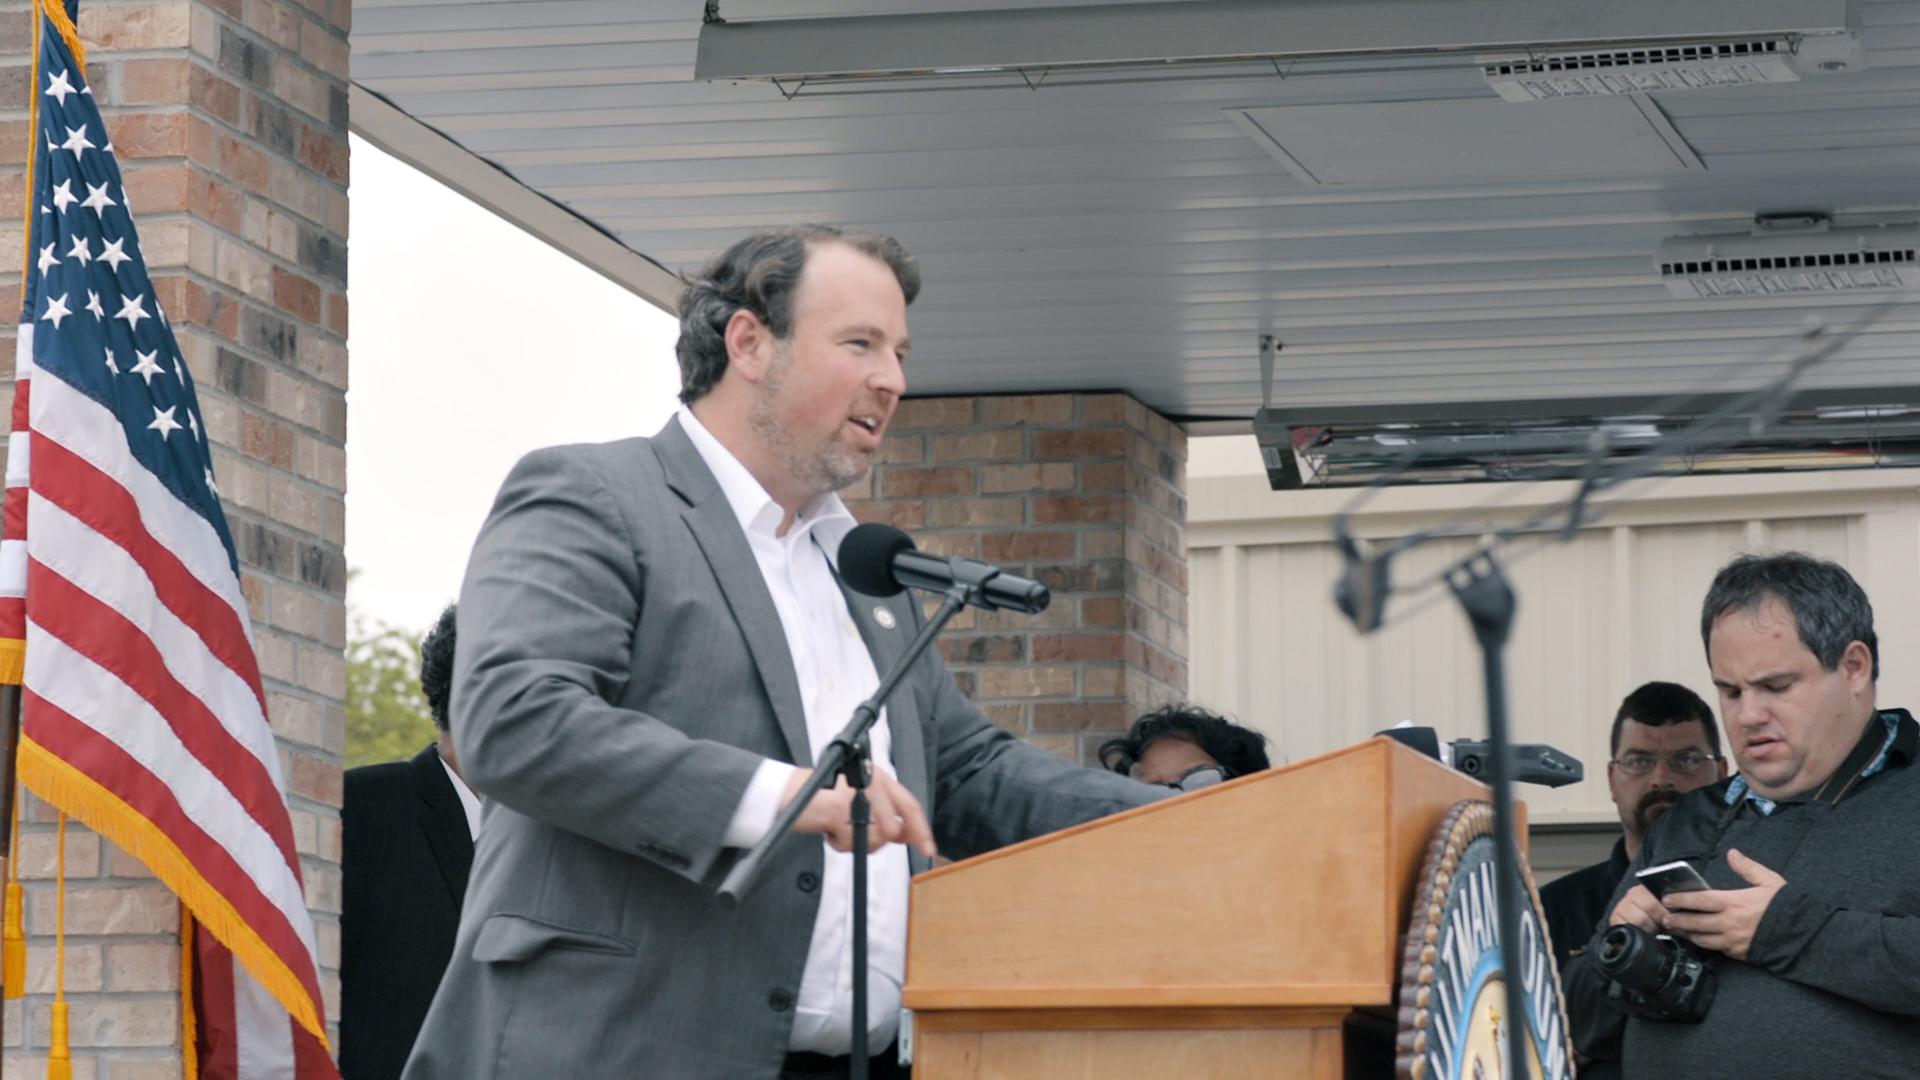 Photo of man at podium, speaking